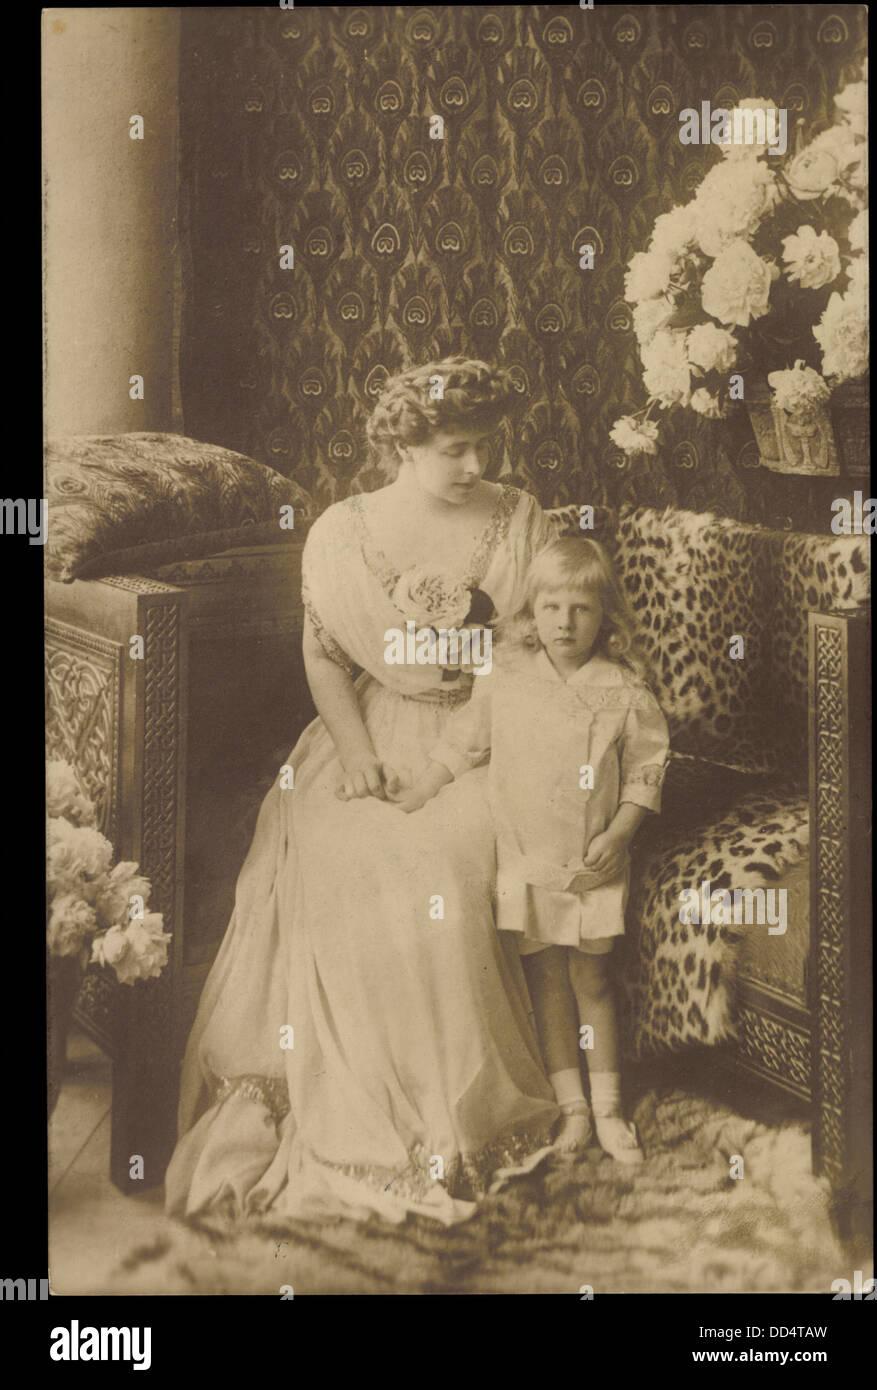 Ak Königin Maria von Prinz Nikolaus von Rumänien; Foto de stock